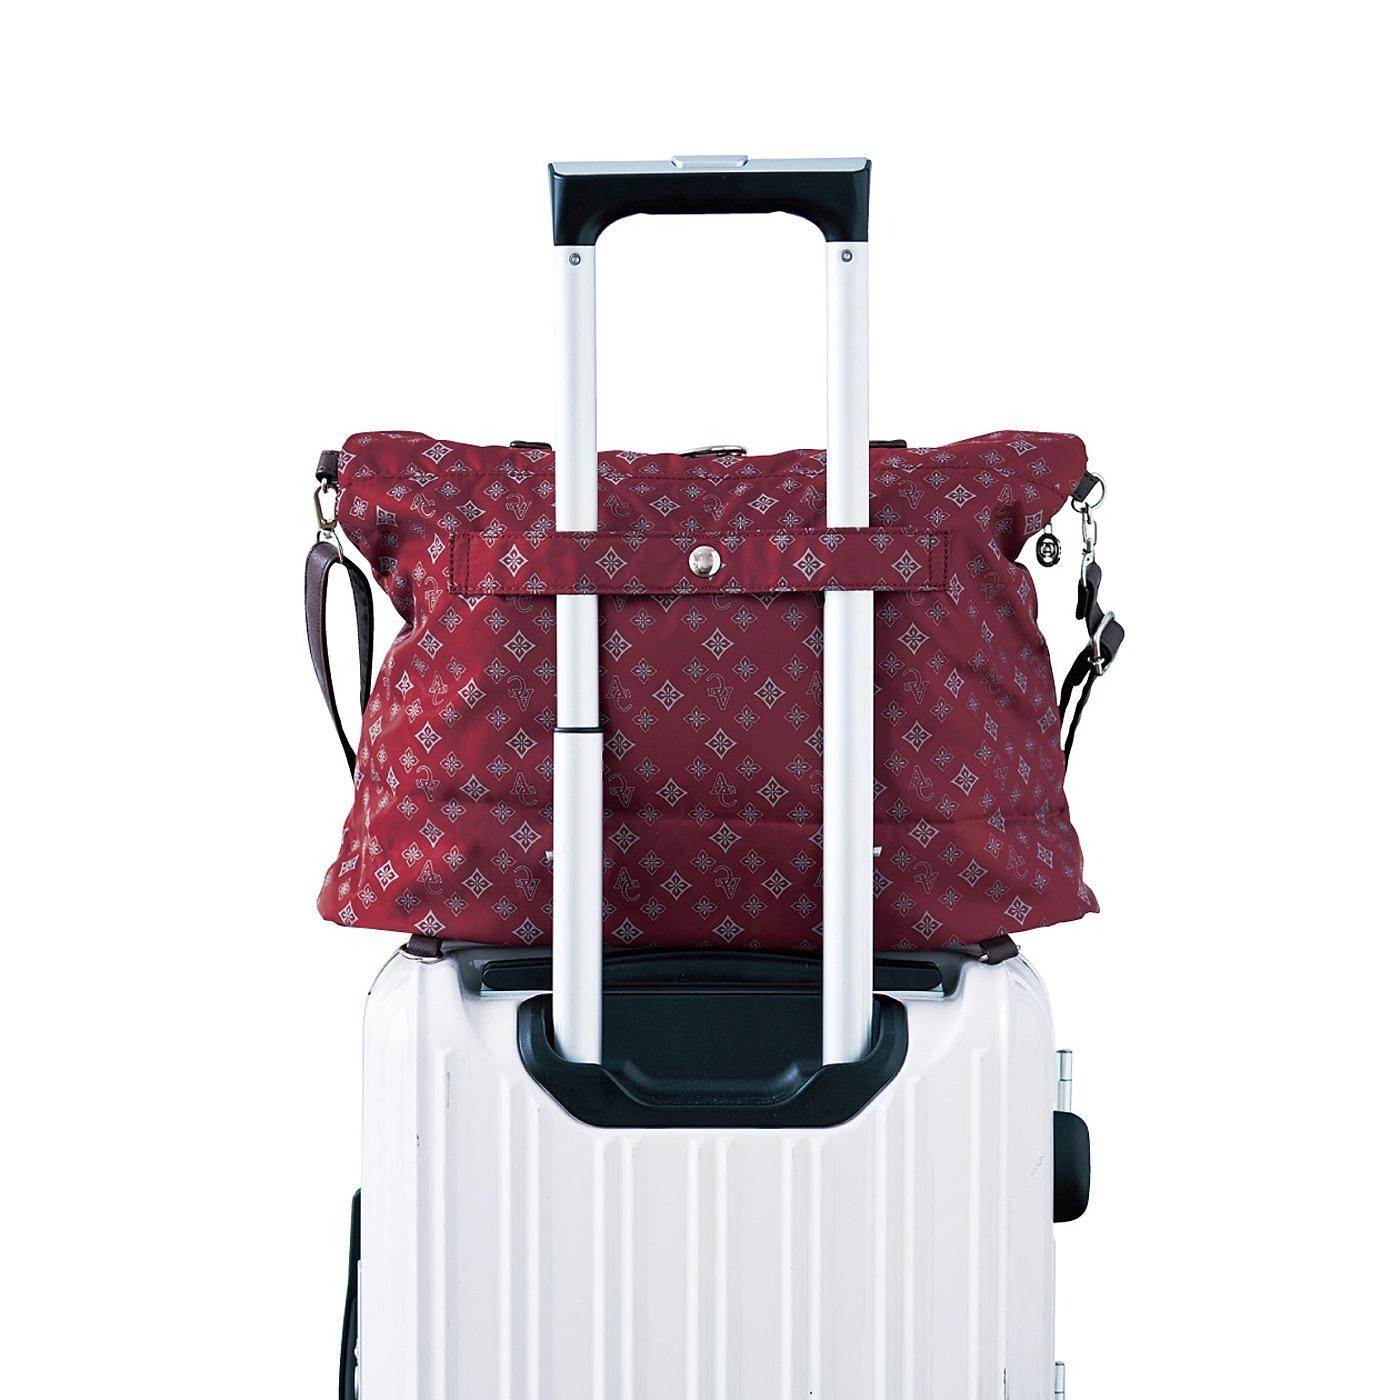 背面には、キャリーケースのハンドルにセットできるベルト付き。海外旅行にも便利です。